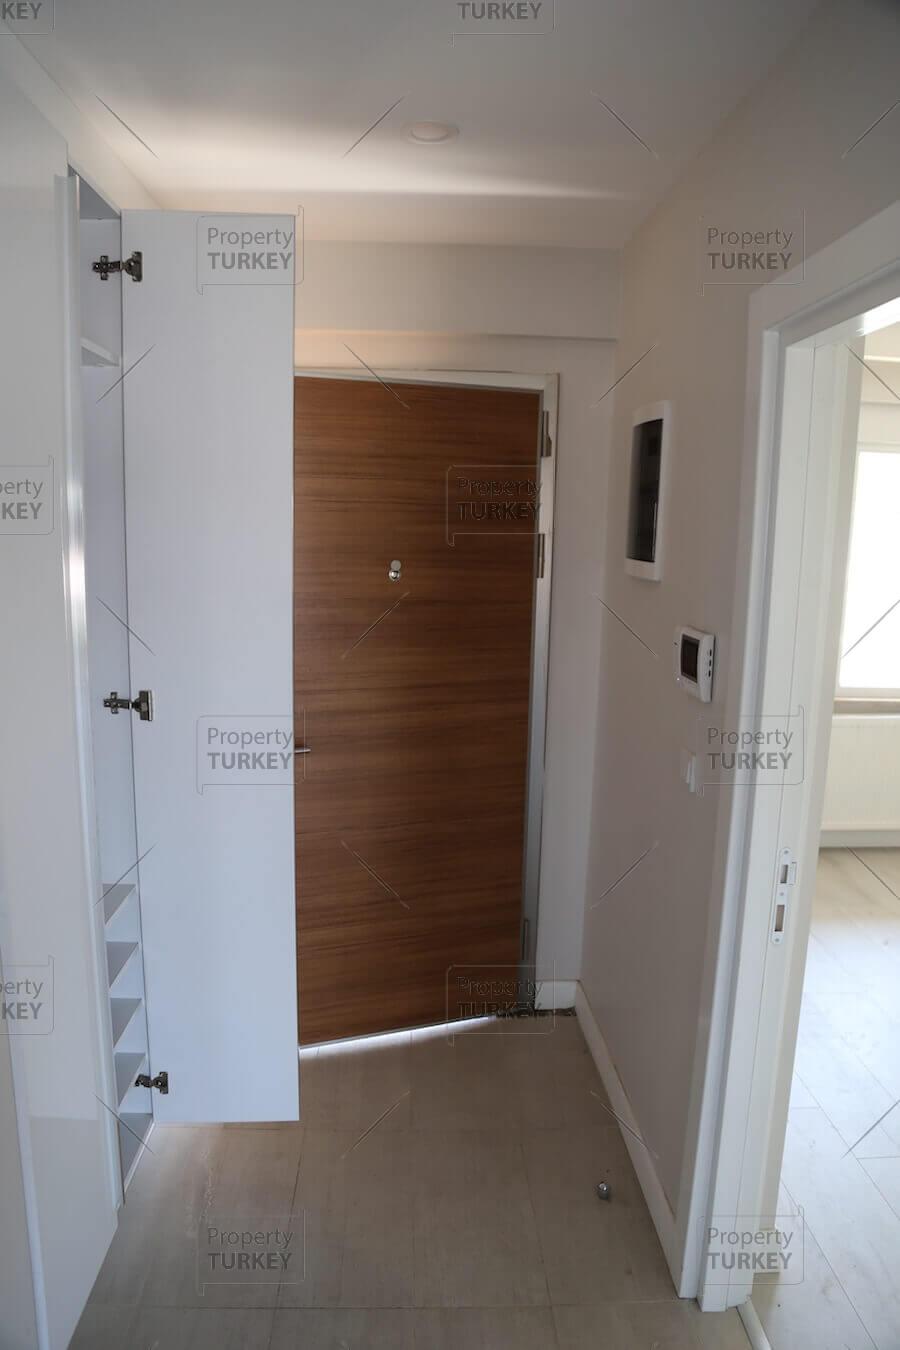 Apartments door